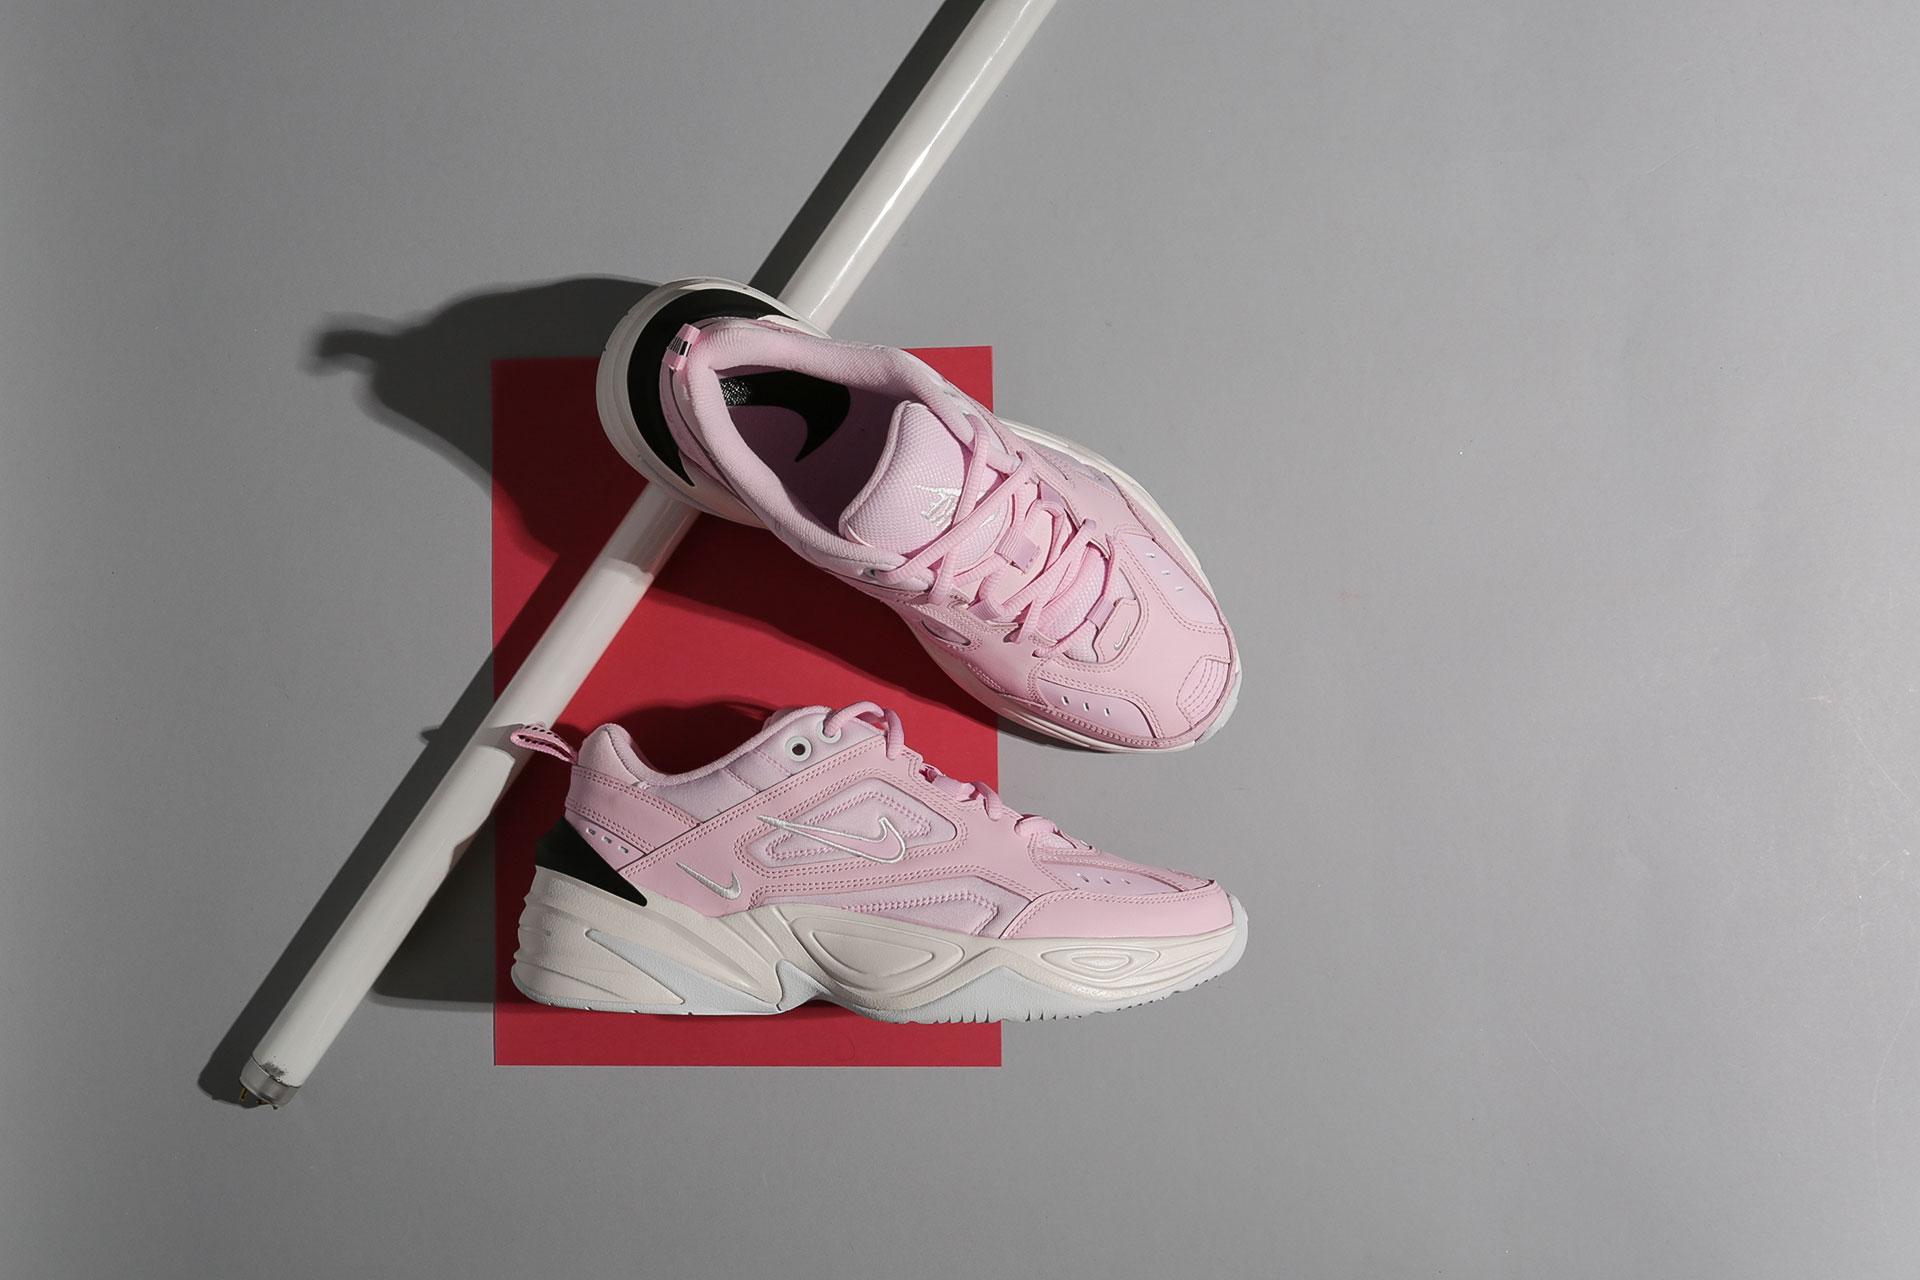 a1570303 Купить розовые женские кроссовки WMNS M2K Tekno от Nike (AO3108-600 ...